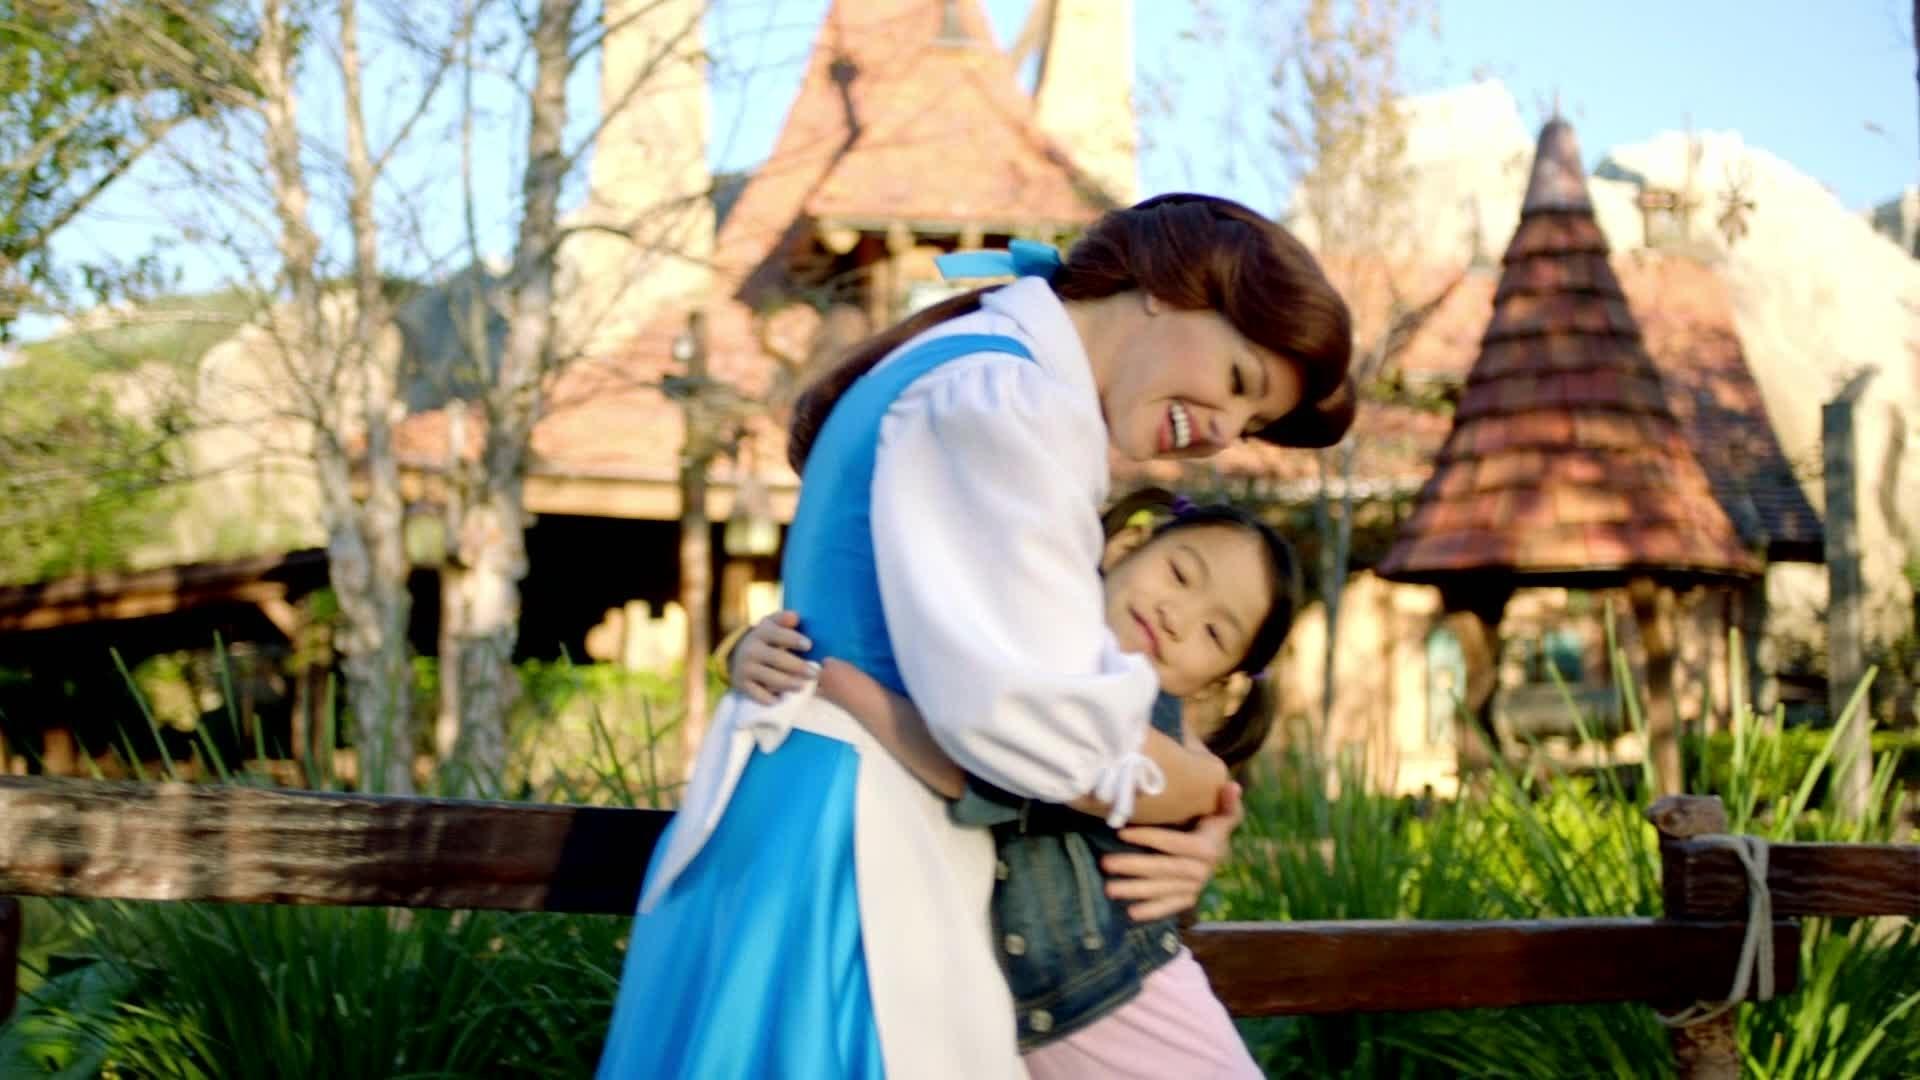 Följ dina drömmar - Belle